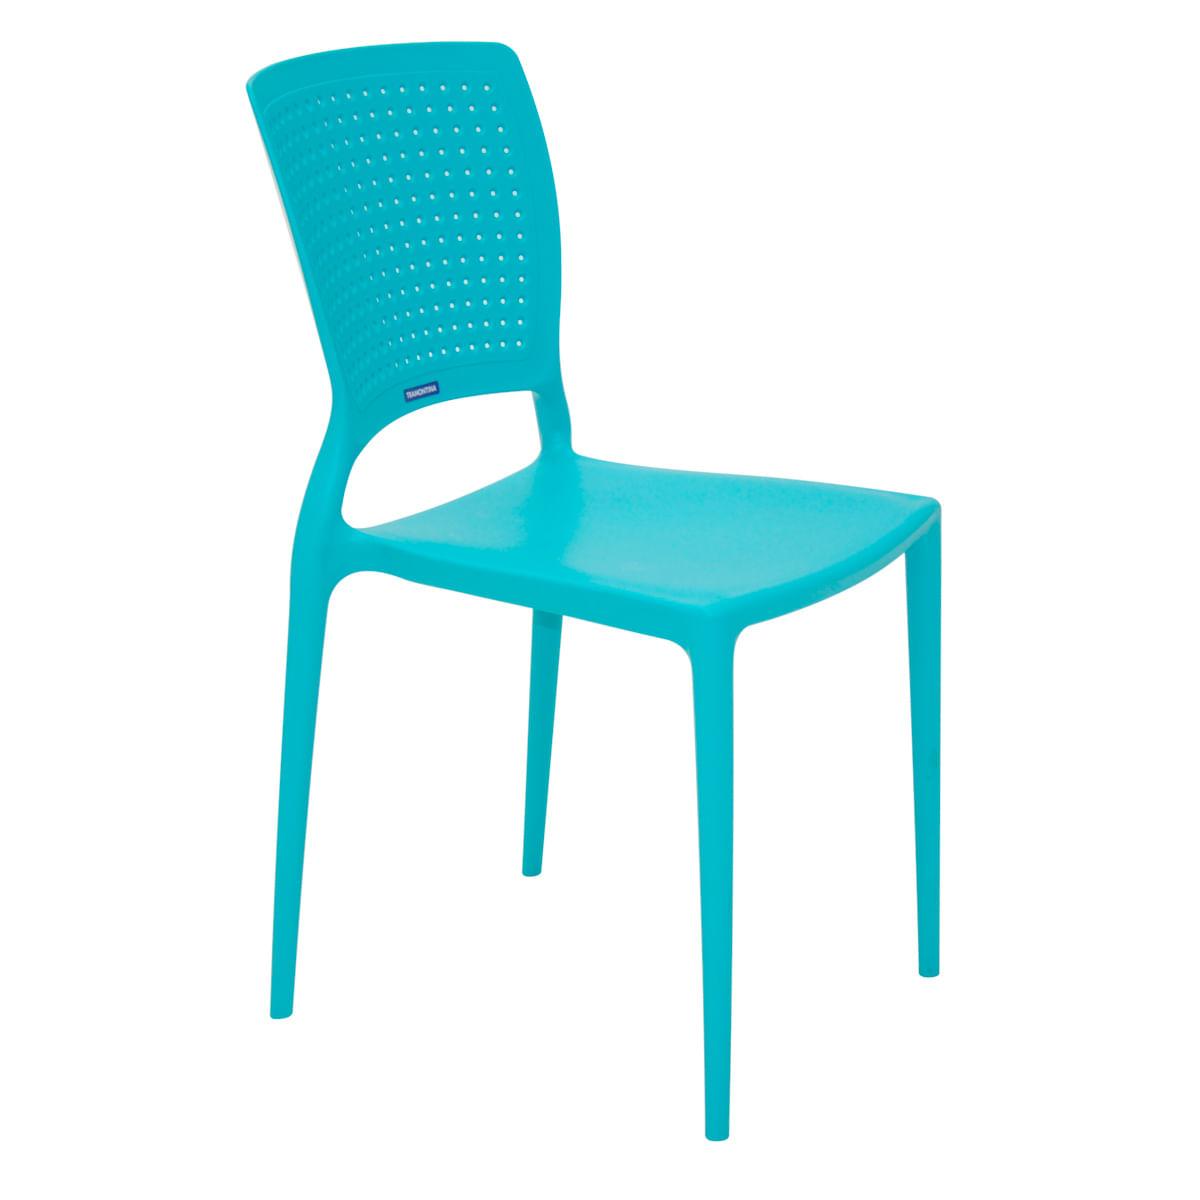 Cadeira Tramontina Safira Azul em Polipropileno e Fibra de Vidro